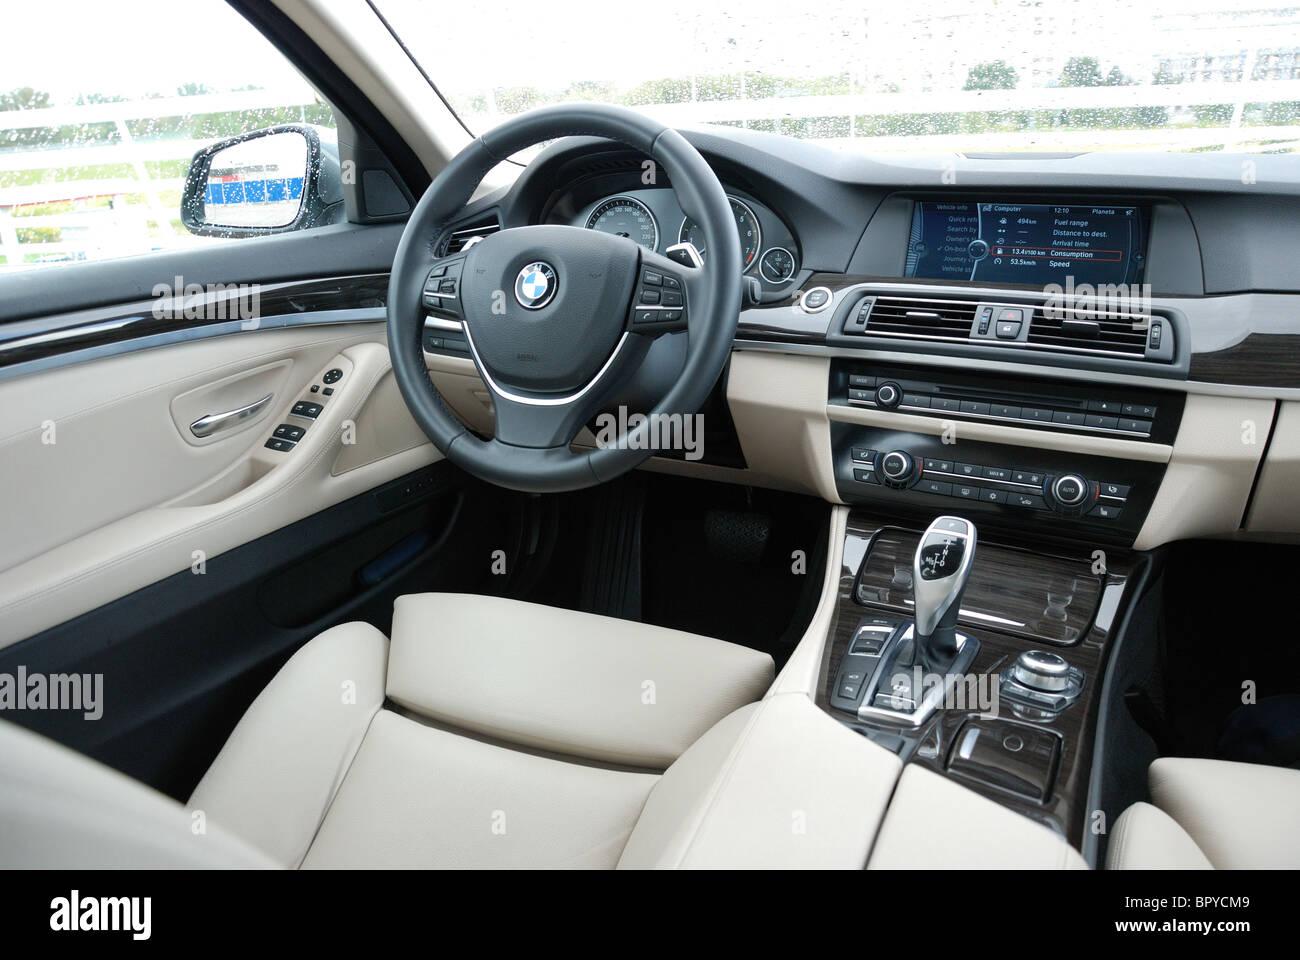 BMW 535i - meine deutsche Premium 2010 - grau metallic - höhere ...